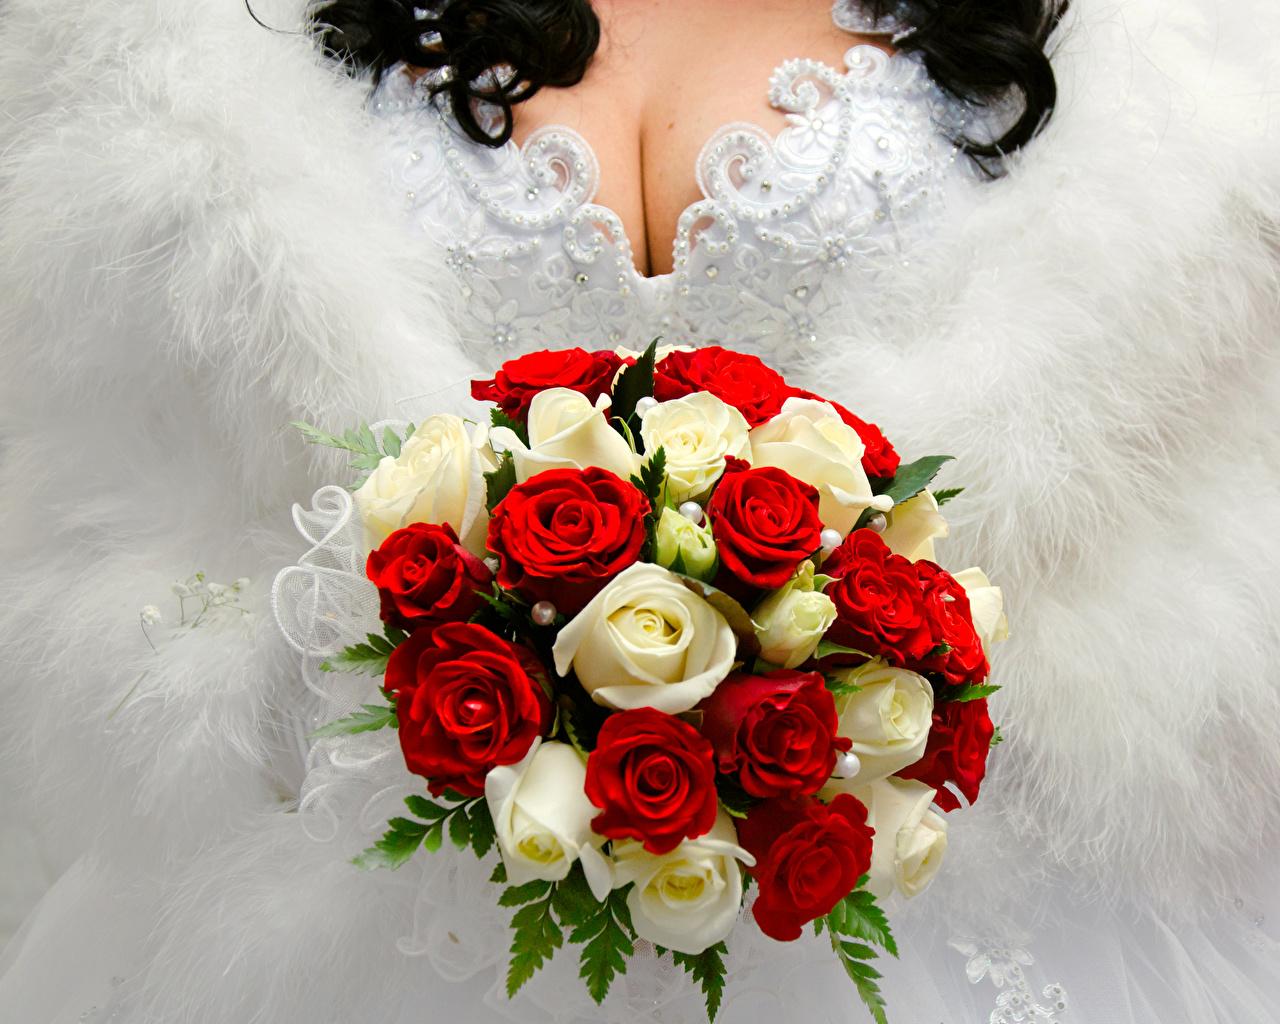 Картинки Свадьба Букеты роза Цветы брак свадьбы свадьбе свадебные букет Розы цветок